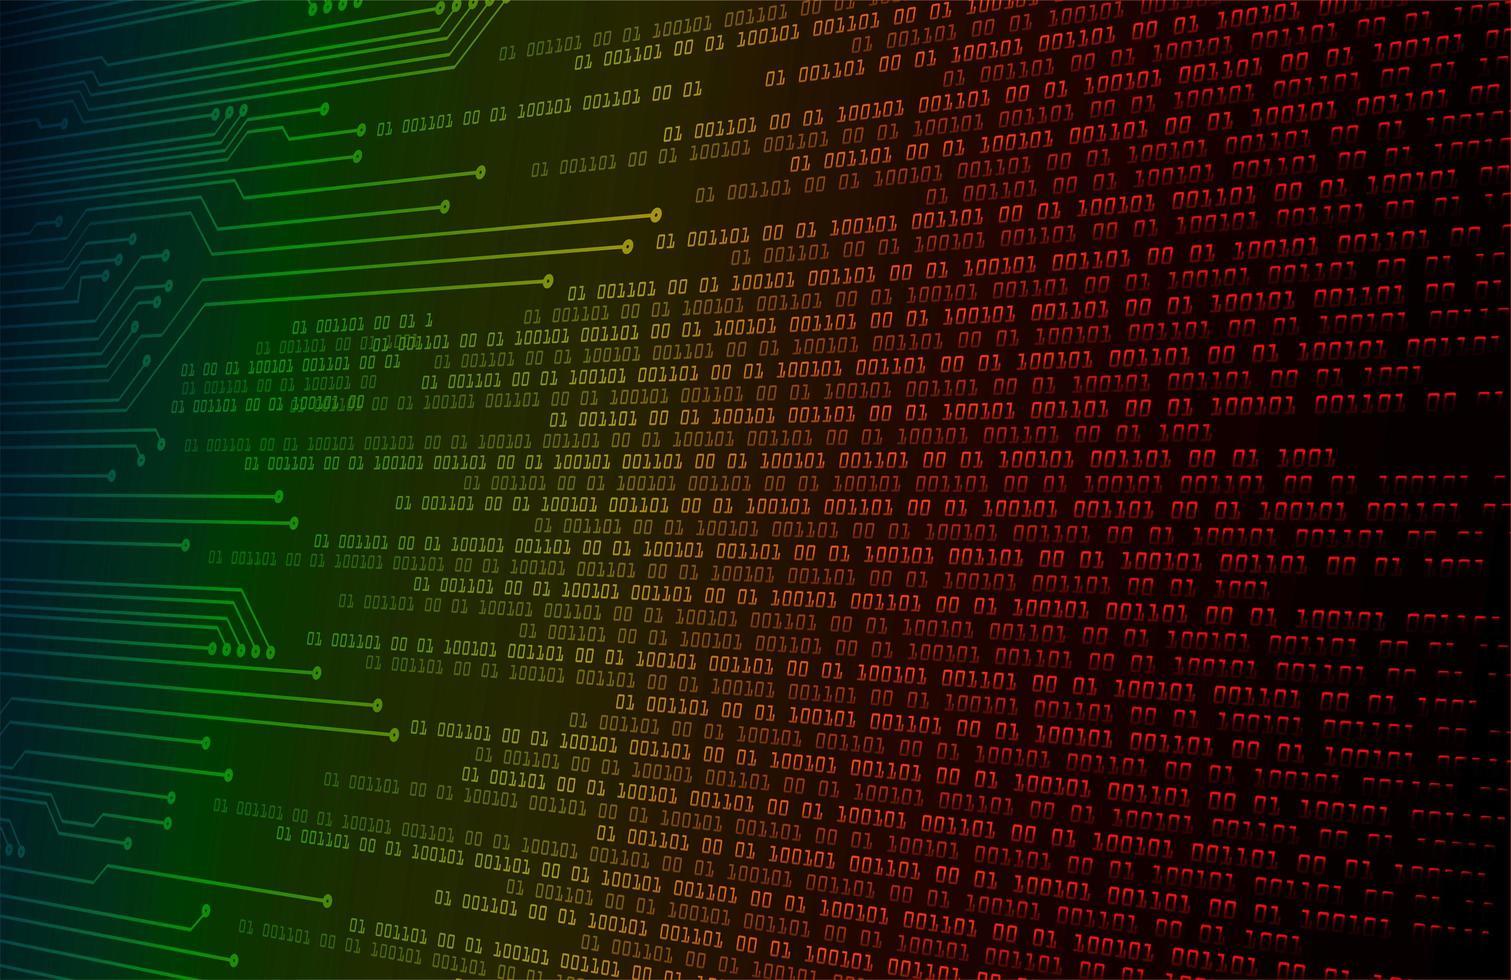 kleurrijke cyber circuit toekomstige technologie concept achtergrond vector